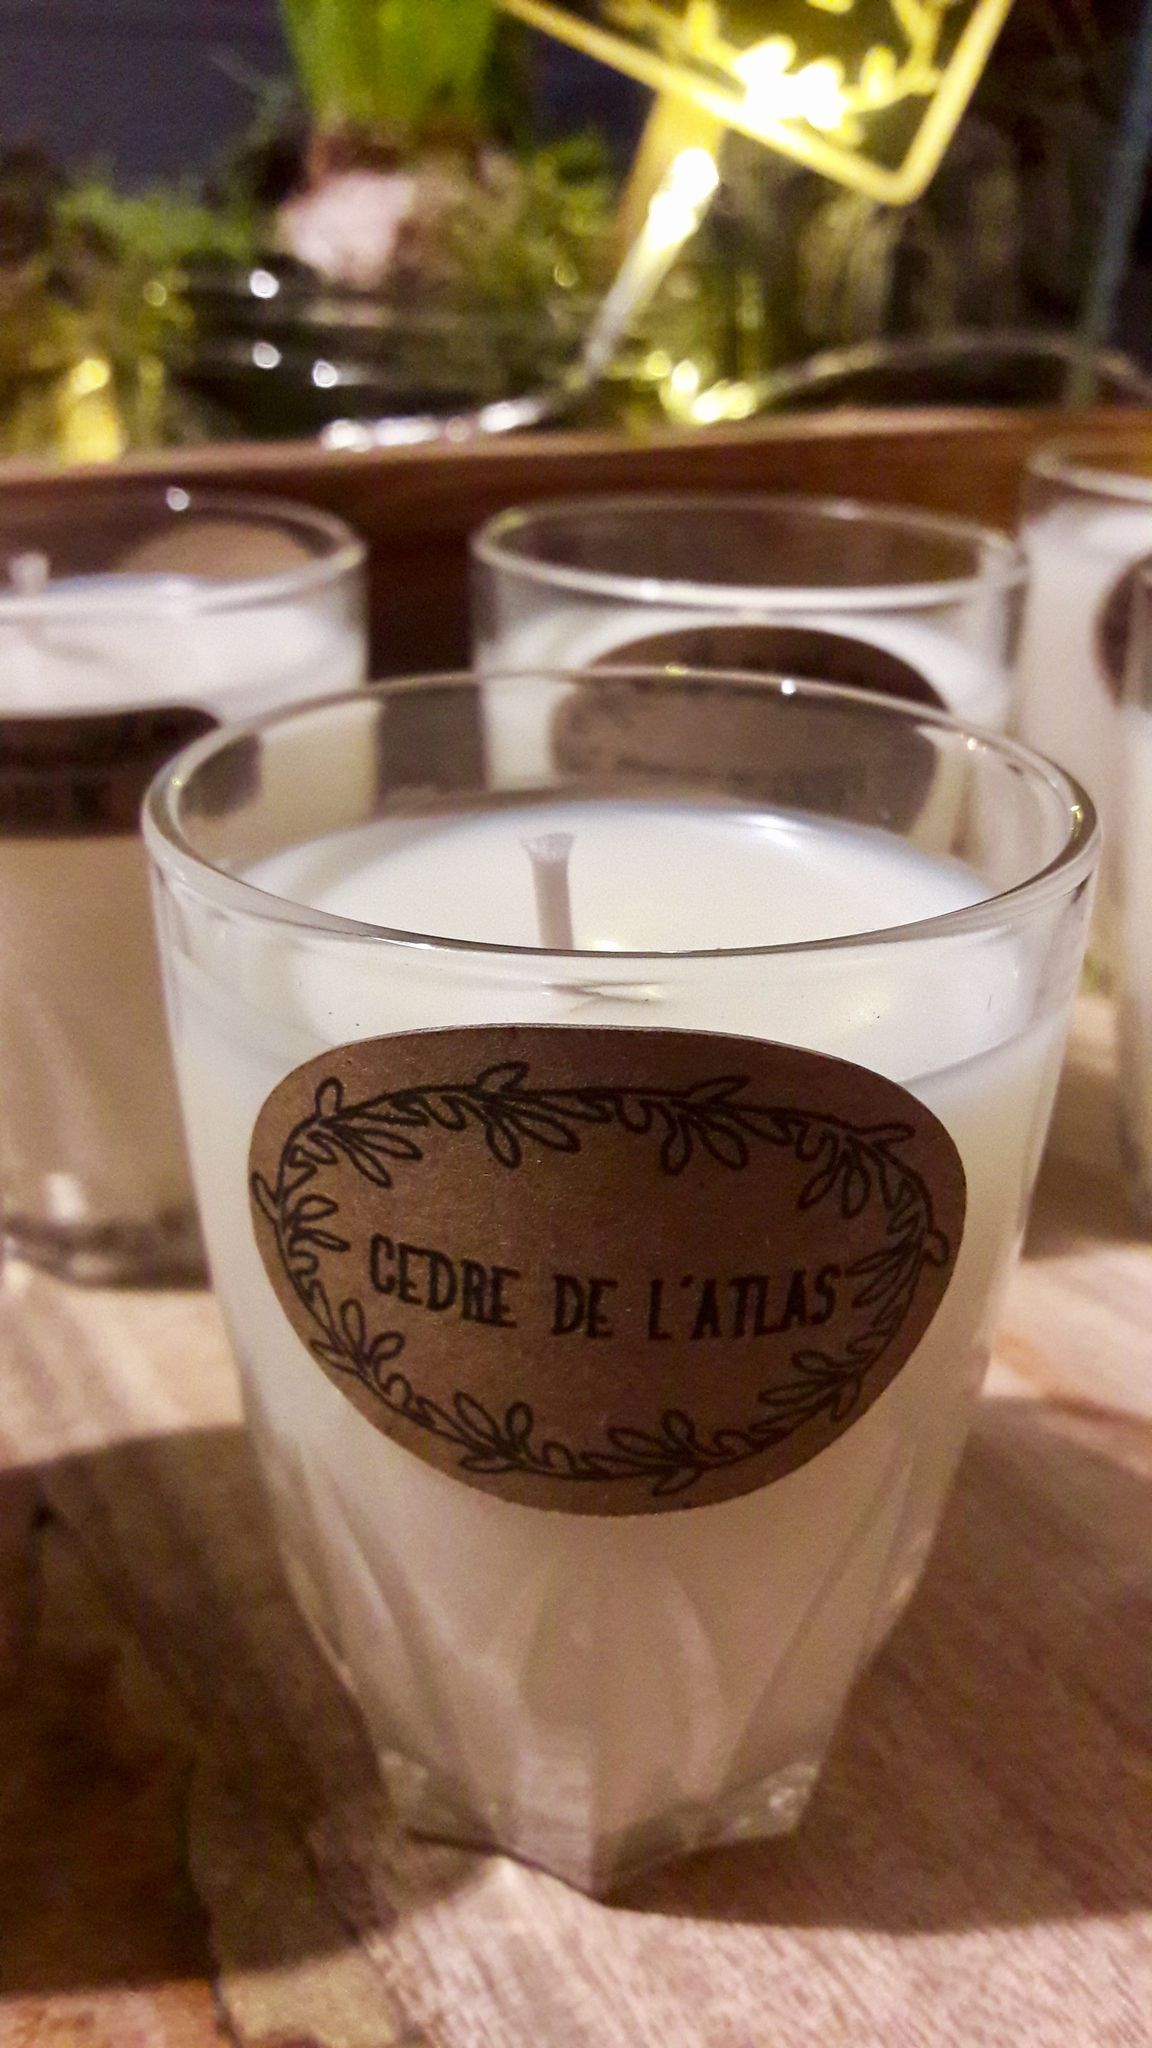 les bougies maison, c'est facile ! - gris fluo & green | maison